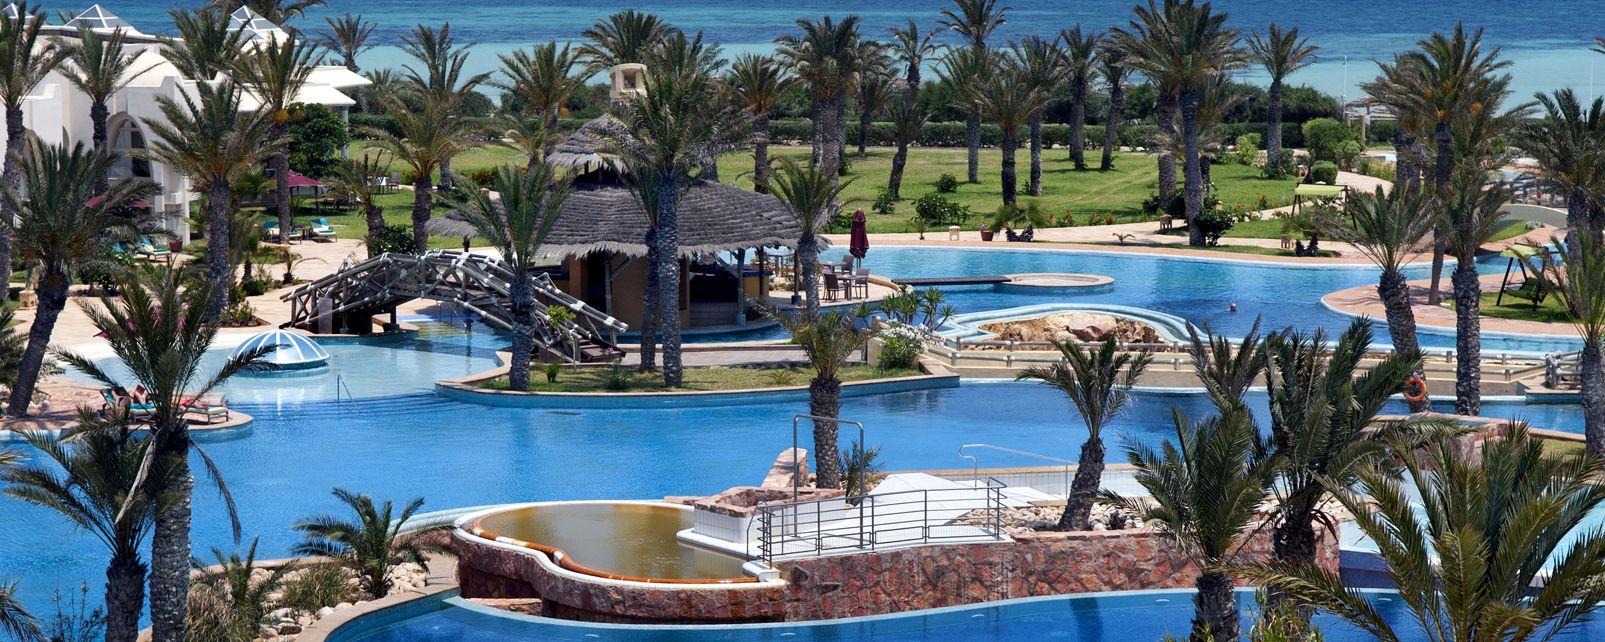 Hotel hasdrubal prestige thalassa spa djerba in djerba for Hotels djerba